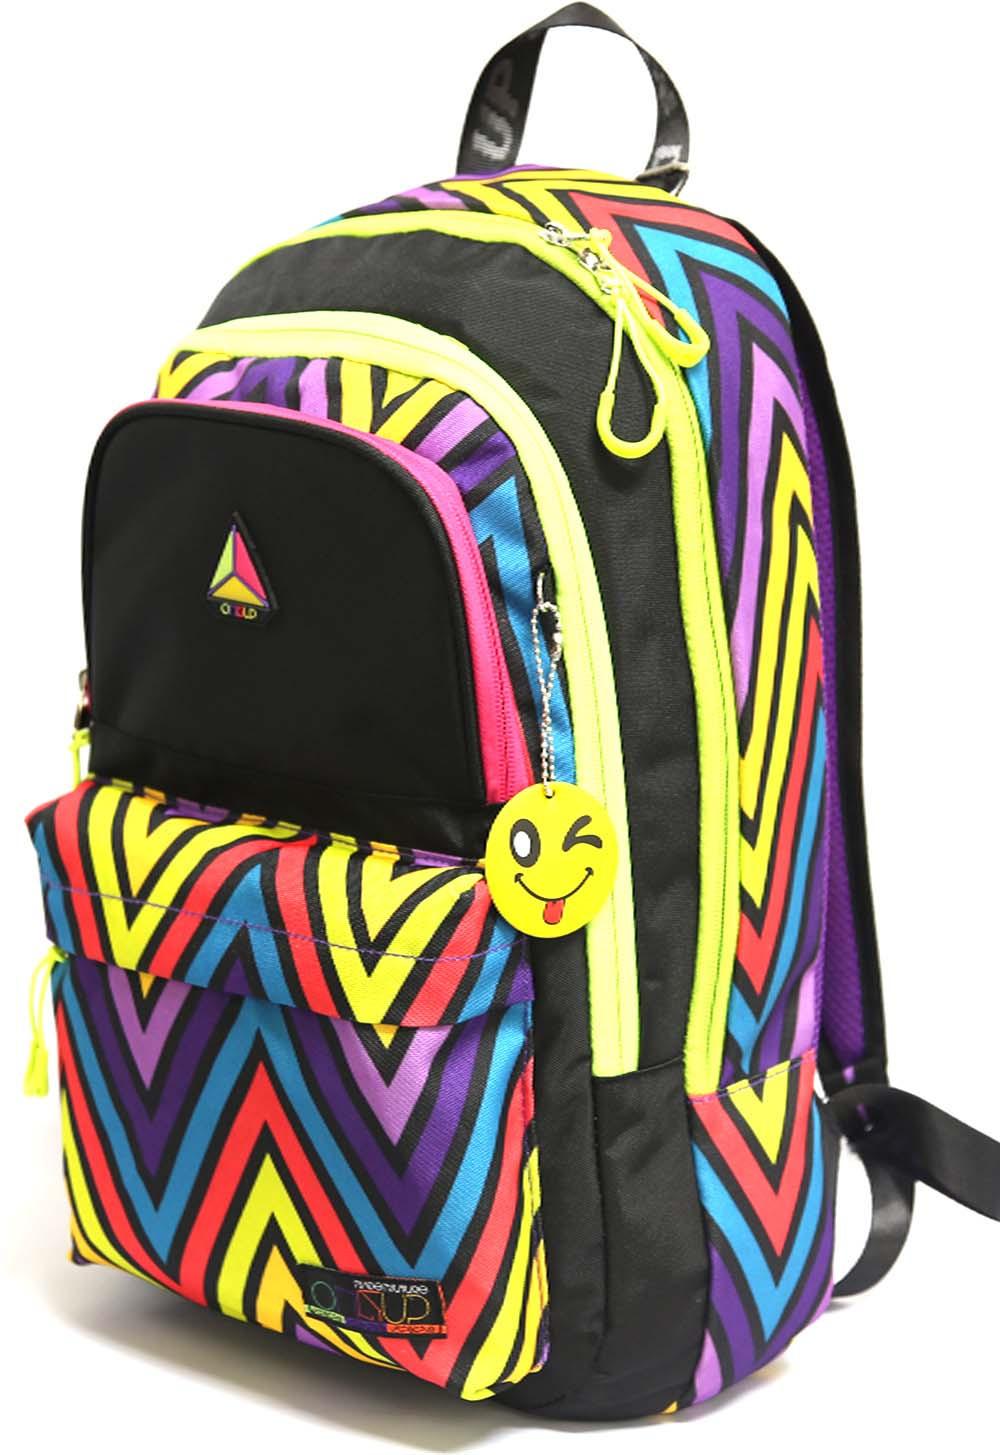 все цены на Рюкзак детский UFO People, цвет: фиолетовый. 7658 онлайн